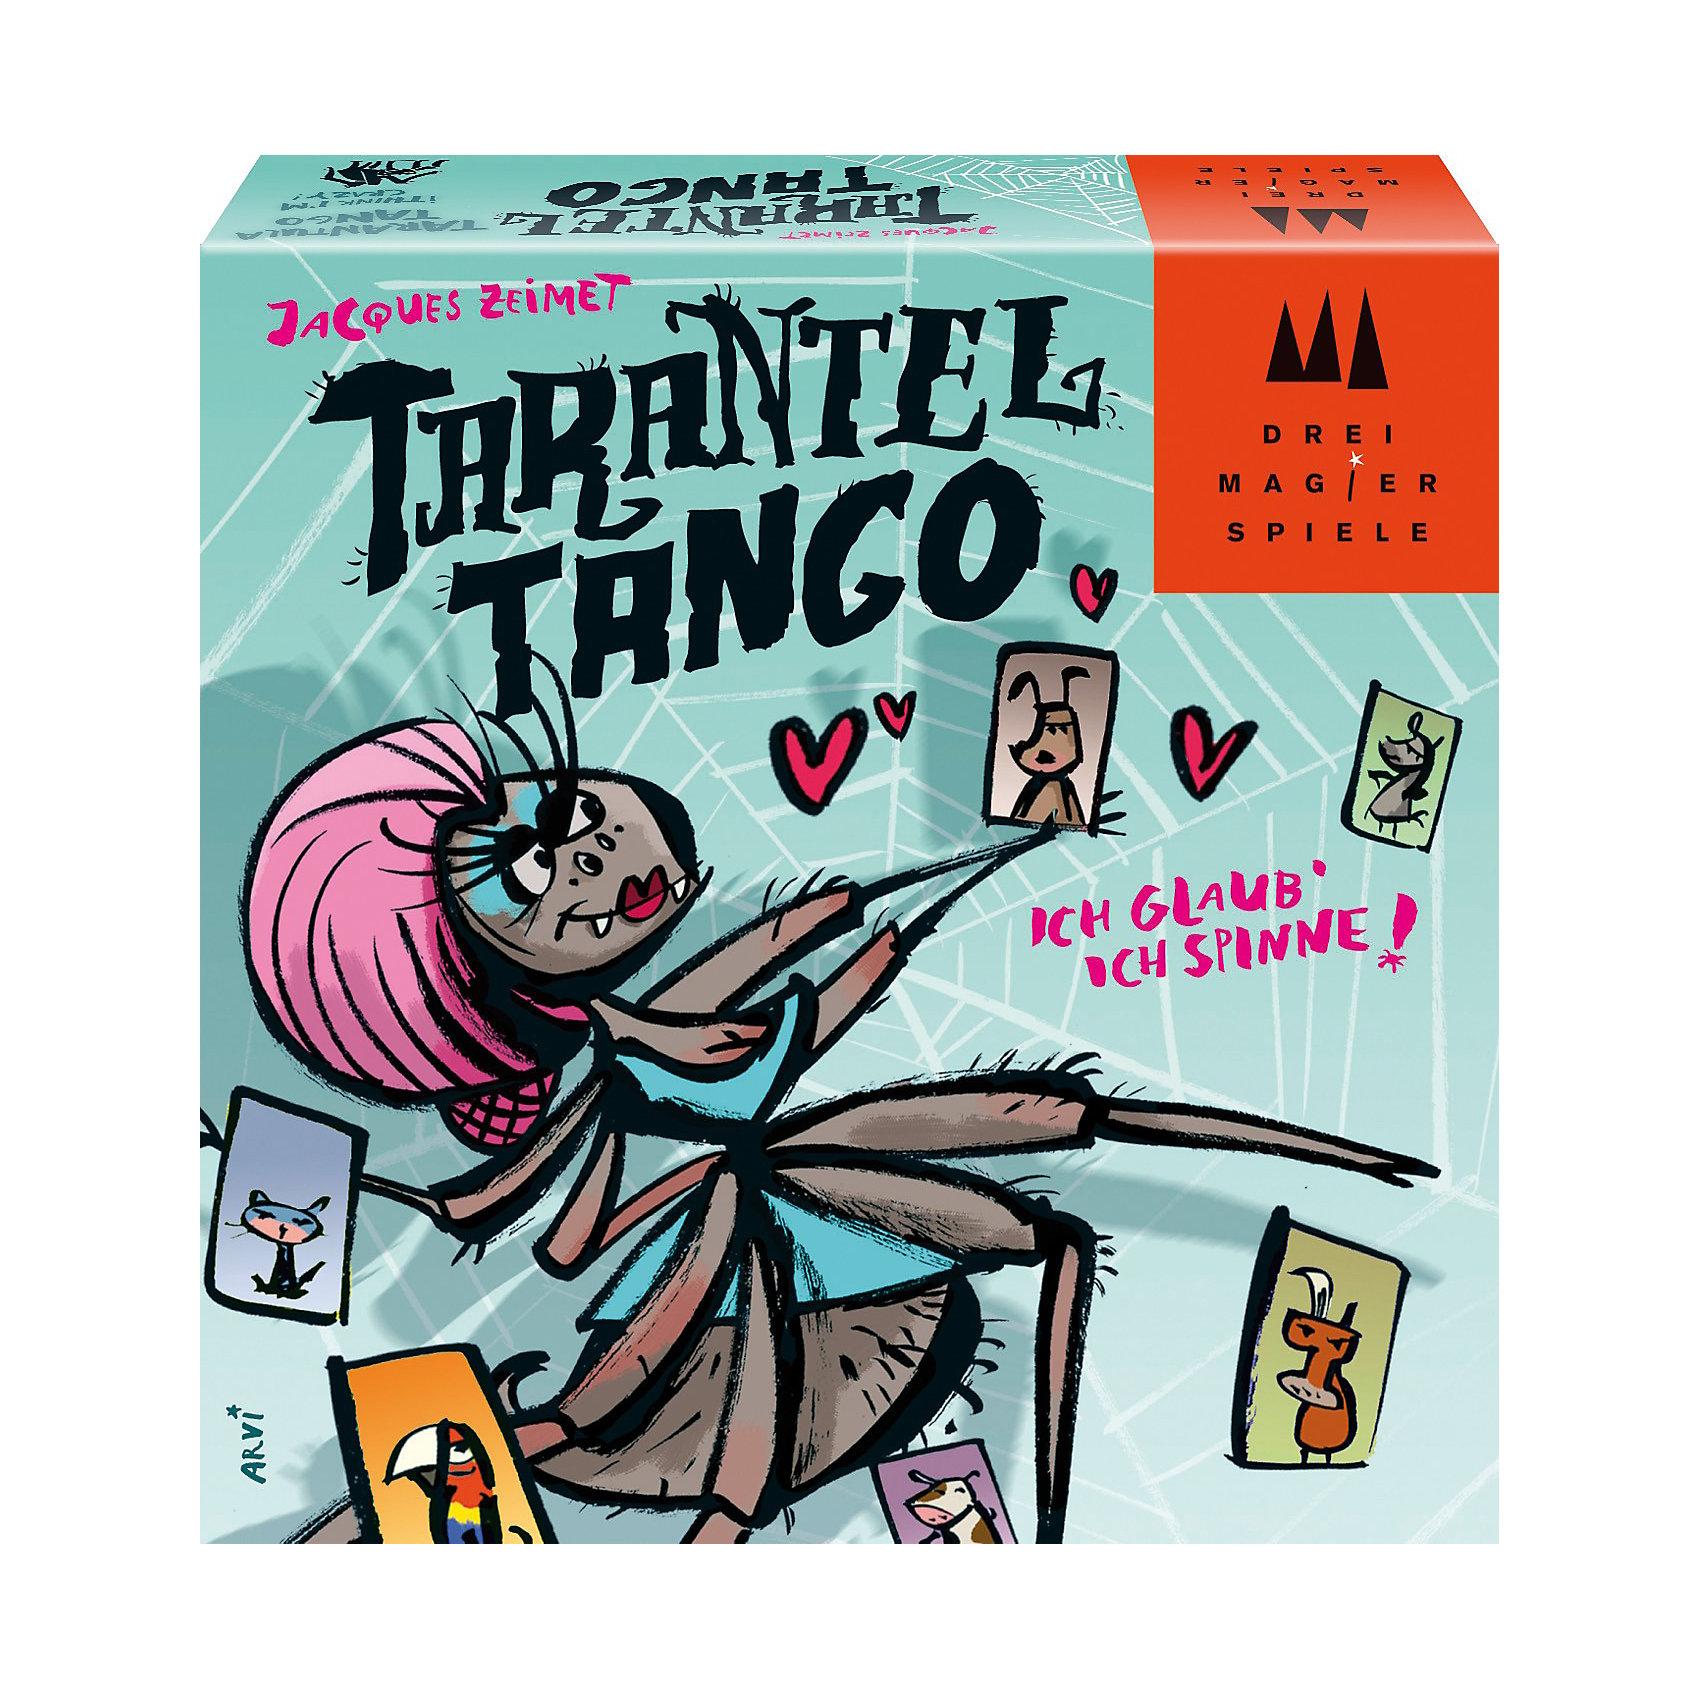 Игра Танго с Тарантулом, SchmidtИгра Танго с Тарантулом, Schmidt - сможет разнообразить вечер с друзьям! Игра простая, но очень забавная. Помоги тарантулу найти пару для танцев! Но другие животные боятся его угрожающего вида и вскрикивают! Будь внимательным и артистичным и сможешь избавиться от своих карточек первым. Правила игры простые и понятные: положите Танго-тарантула на середину стола, перемешайте все 120 карточек и поровну распределите их между всеми игроками. Первый игрок прикладывает верхнюю карточку из своей стопки короткой стороной к одной из сторон карточки Танго-тарантула. После этого наступает очередь игрока слева. Карточки раскладываются в направлении по часовой стрелке. Перед тем как выложить новую карту из своей колоды, игрок должен изобразить животное, изображенное на карте предыдущего игрока. И наконец, если новая карта с Тарантулом входит в игру, все игроки должны хлопнуть рукой по столу.<br><br>Дополнительная информация:<br><br>- В комплекте: 120 карточек с изображением животных (собака, корова, ослик, коза, кошка, попугай), 5 карточек тарантула, Танго-тарантул (пятисторонняя карточка), правила игры;<br>- Количество: 2-5 игроков;<br>- Время игры: 15-20 минут;<br>- Игра для веселой компании;<br>- Размер упаковки: 11 x 3,5 x 11 см;<br>- Вес: 210 г<br><br>Игру Танго с Тарантулом, Schmidt можно купить в нашем интернет-магазине.<br><br>Ширина мм: 112<br>Глубина мм: 116<br>Высота мм: 35<br>Вес г: 216<br>Возраст от месяцев: 84<br>Возраст до месяцев: 228<br>Пол: Унисекс<br>Возраст: Детский<br>SKU: 1914159